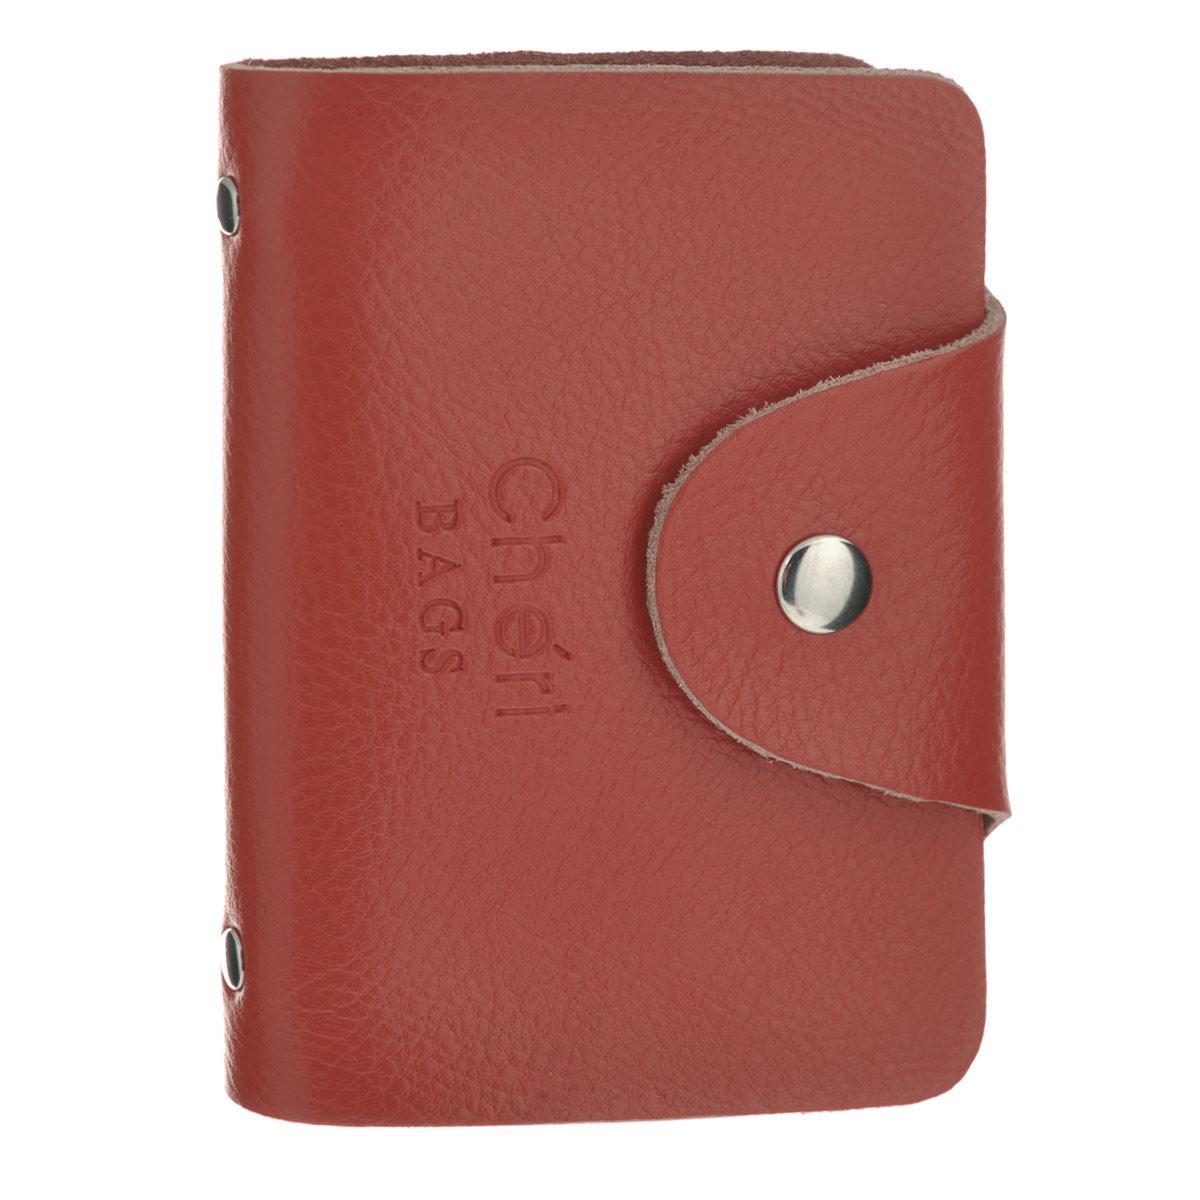 Визитница Cheribags, цвет: коралловый. V-0489-32V-0489-32Элегантная визитница Cheribags - стильная вещь для хранения визиток. Визитница выполнена из натуральной кожи, закрывается клапаном на металлическую кнопку. Внутри содержит блок из мягкого пластика, рассчитанный на 26 визиток. Такая визитница станет замечательным подарком человеку, ценящему качественные и практичные вещи.